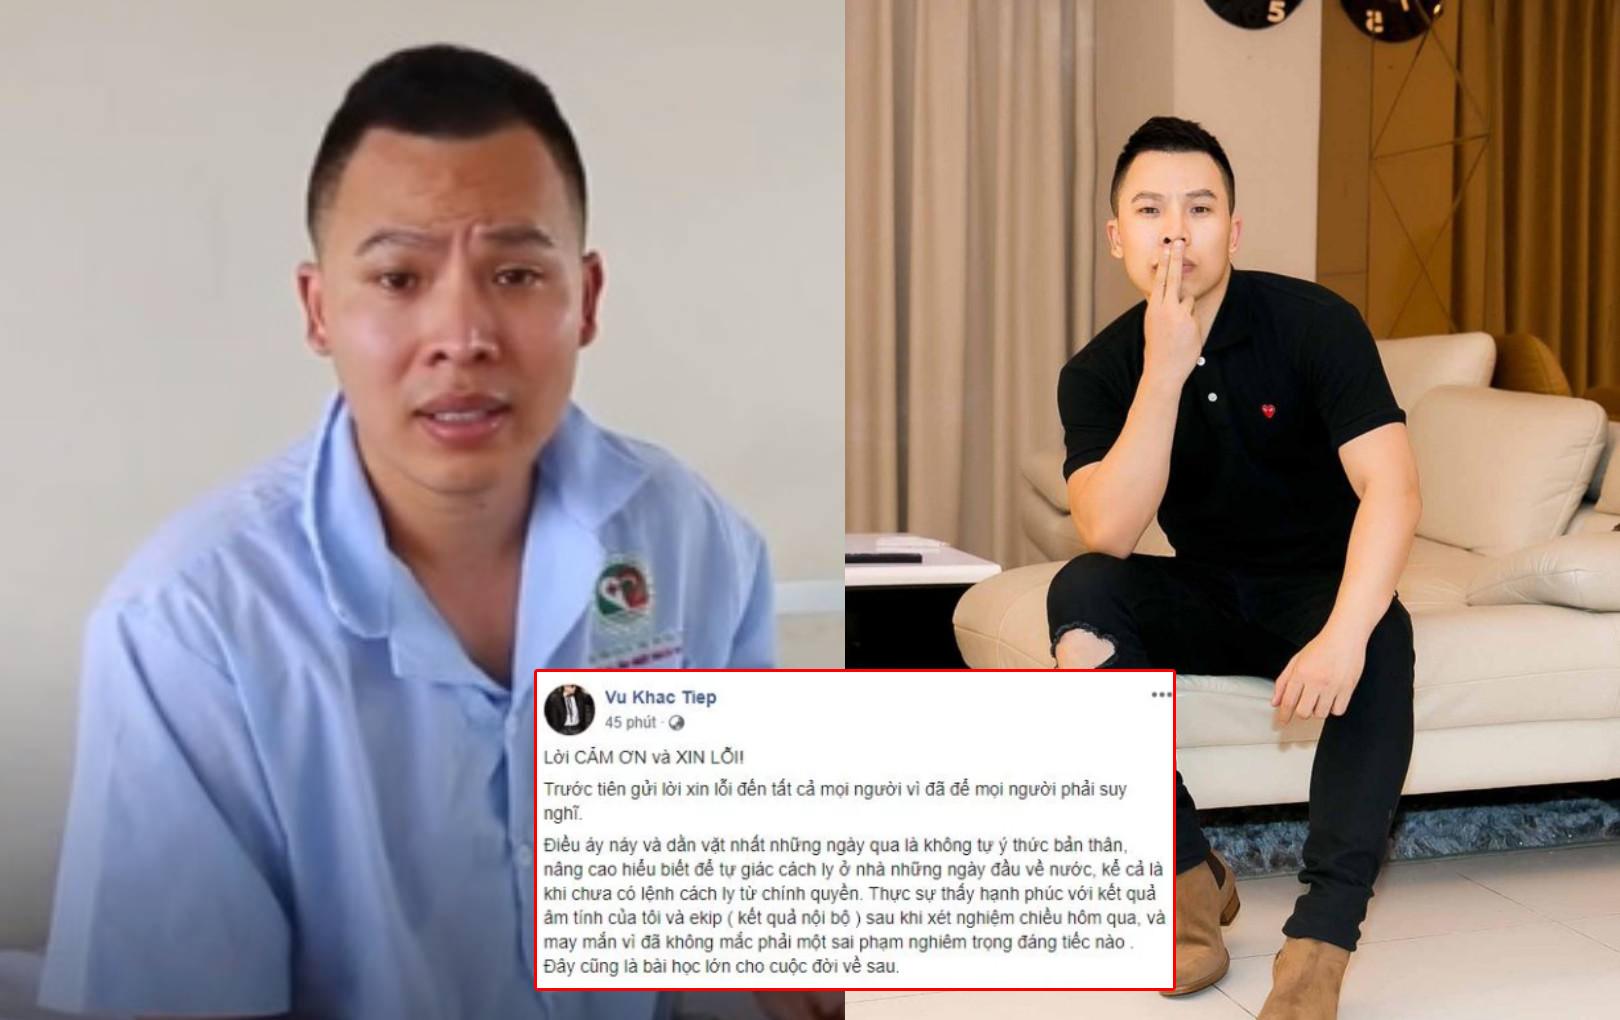 Vũ Khắc Tiệp lên tiếng xin lỗi sau lùm xùm muốn trốn cách ly, tuyên bố ngừng sử dụng Facebook